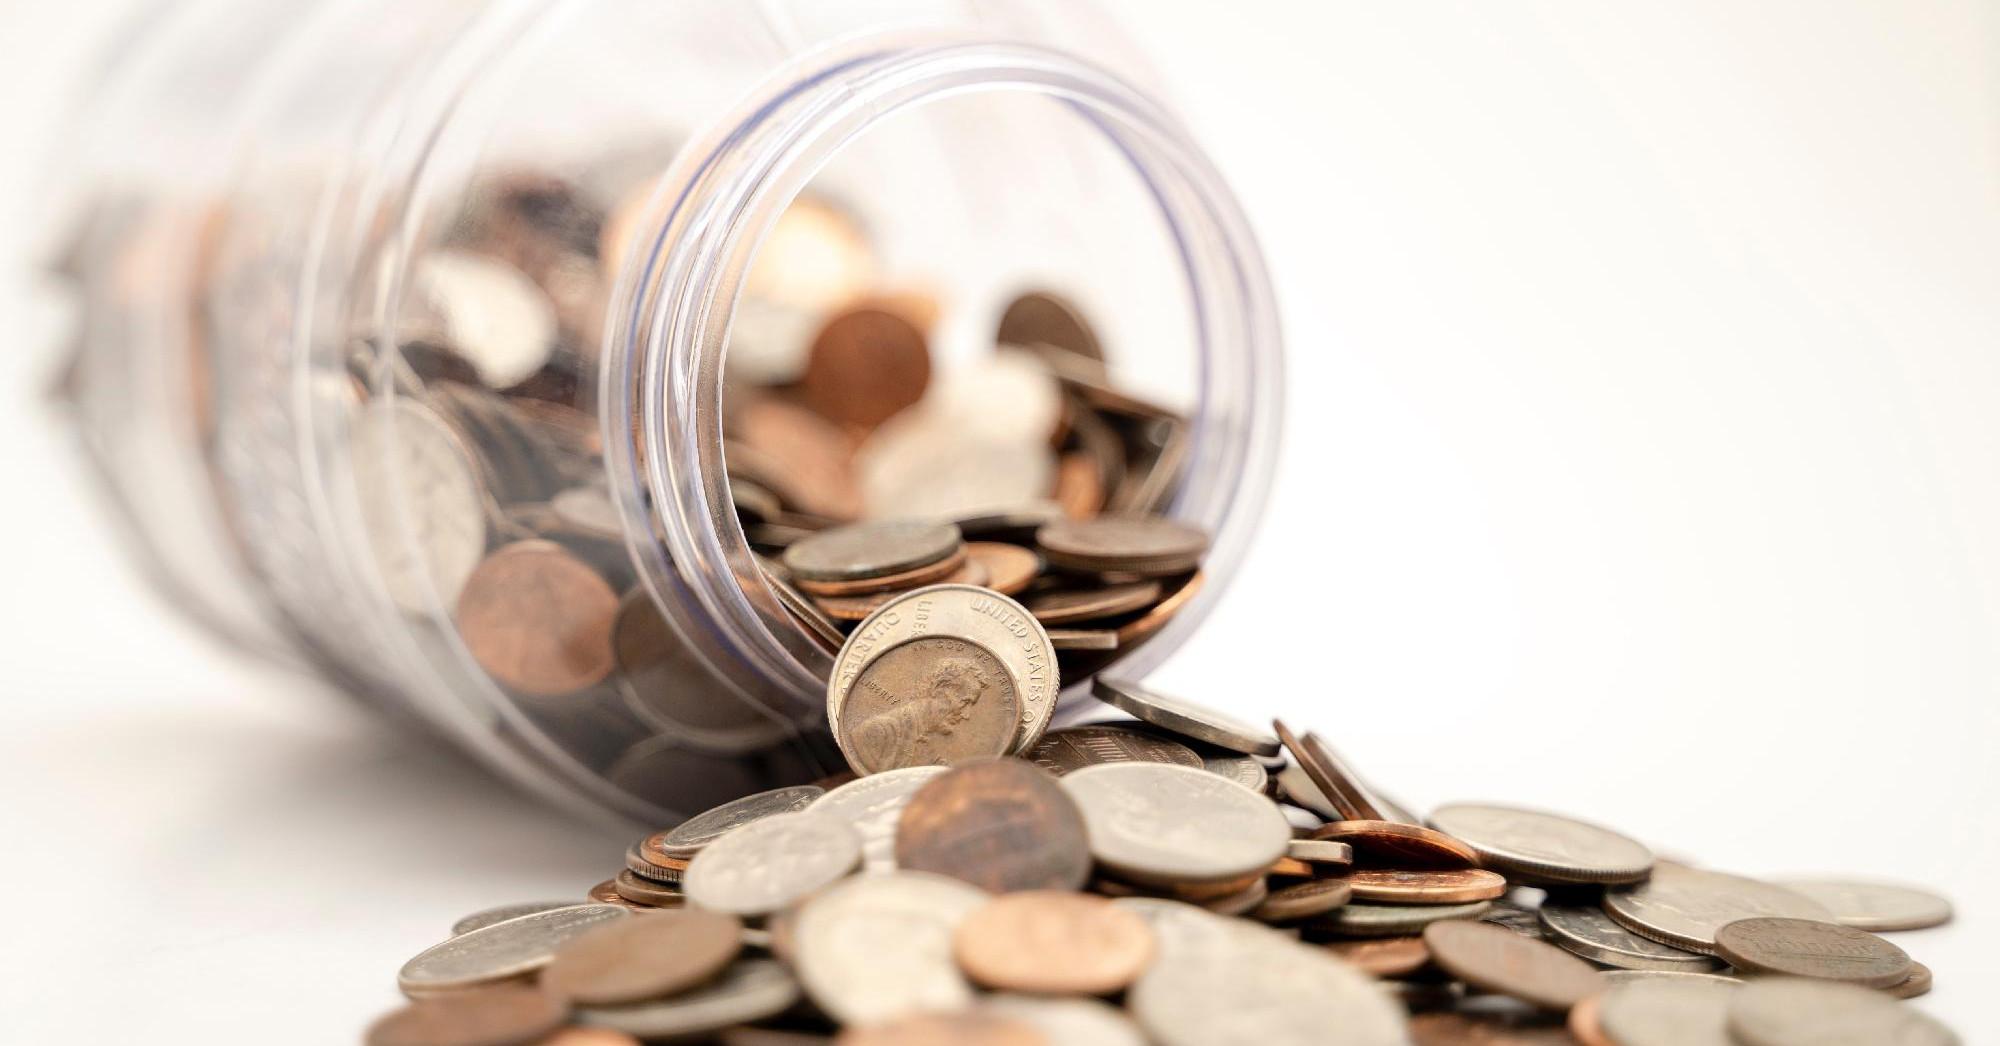 Többet kell keresnem? – Kiszámoló – egy blog a pénzügyekről